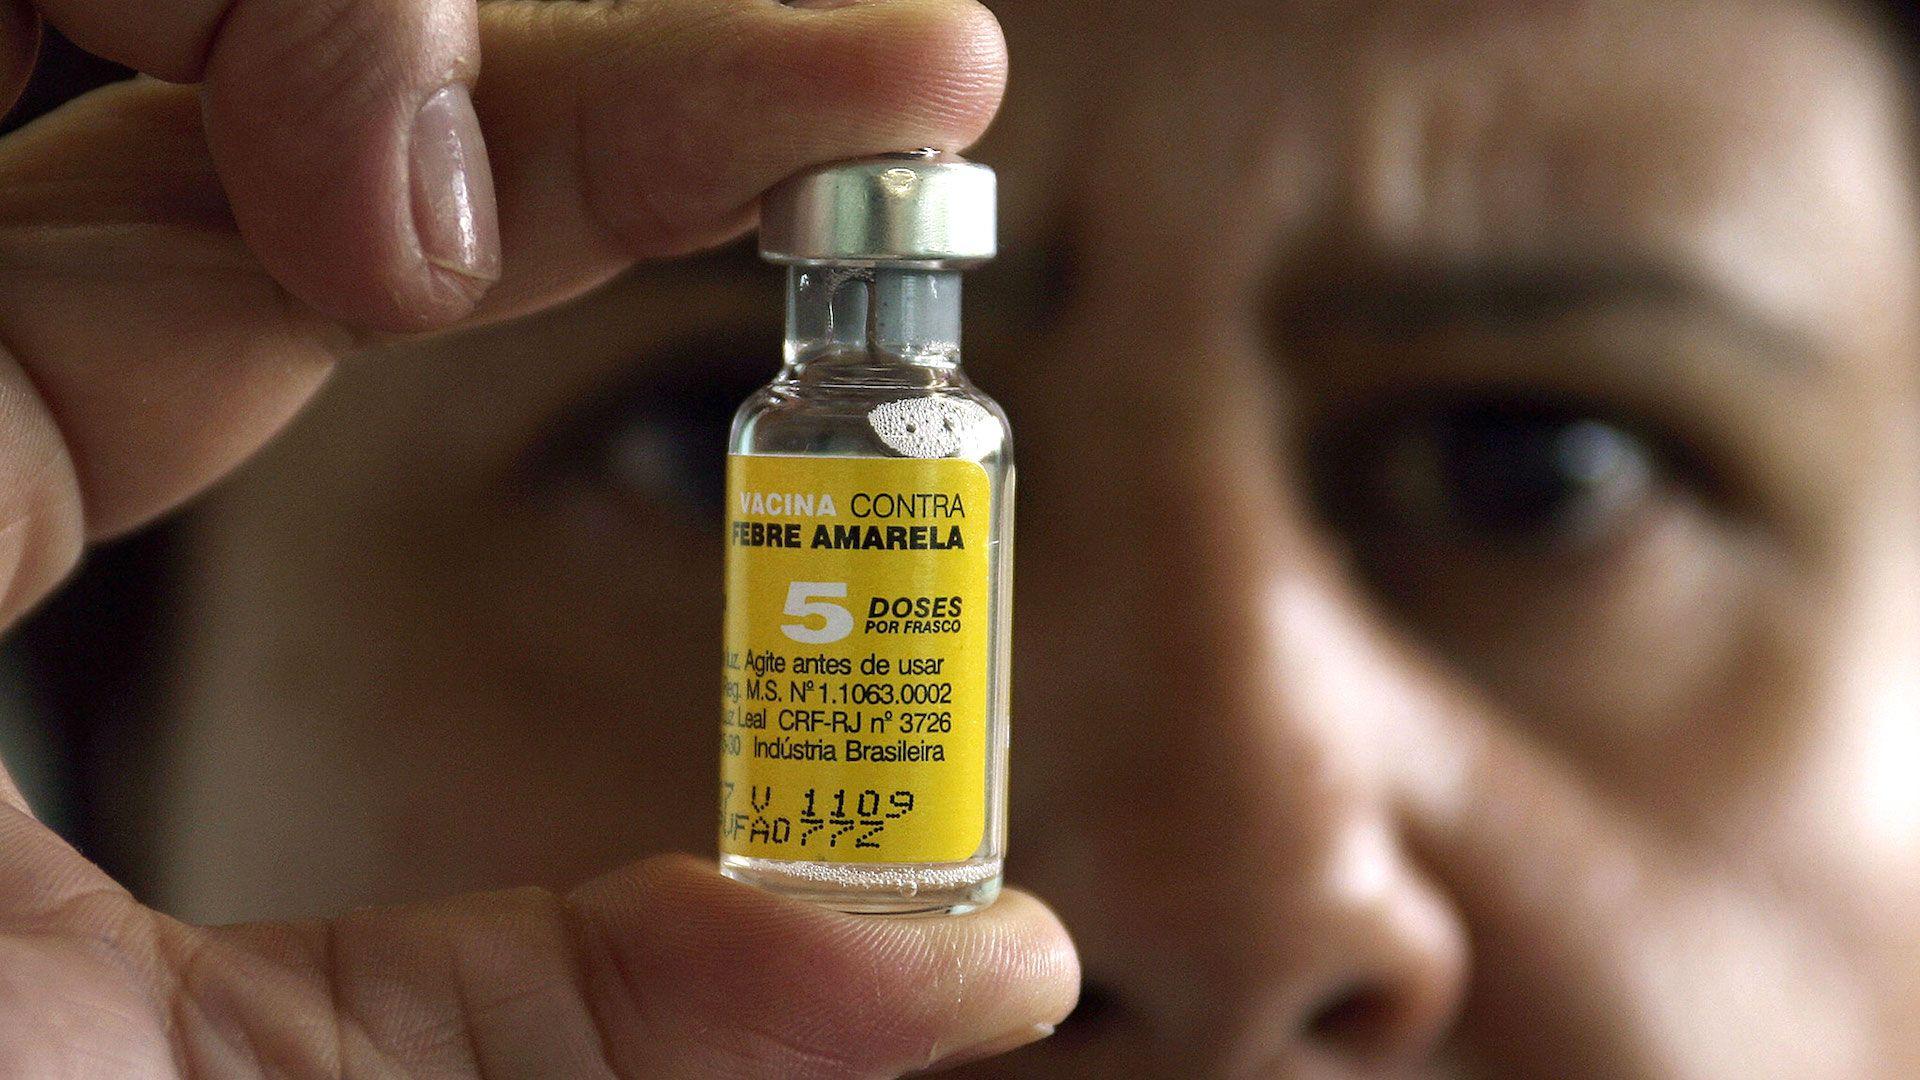 Estos son los países que exigen certificado de vacunación contra la fiebre amarilla